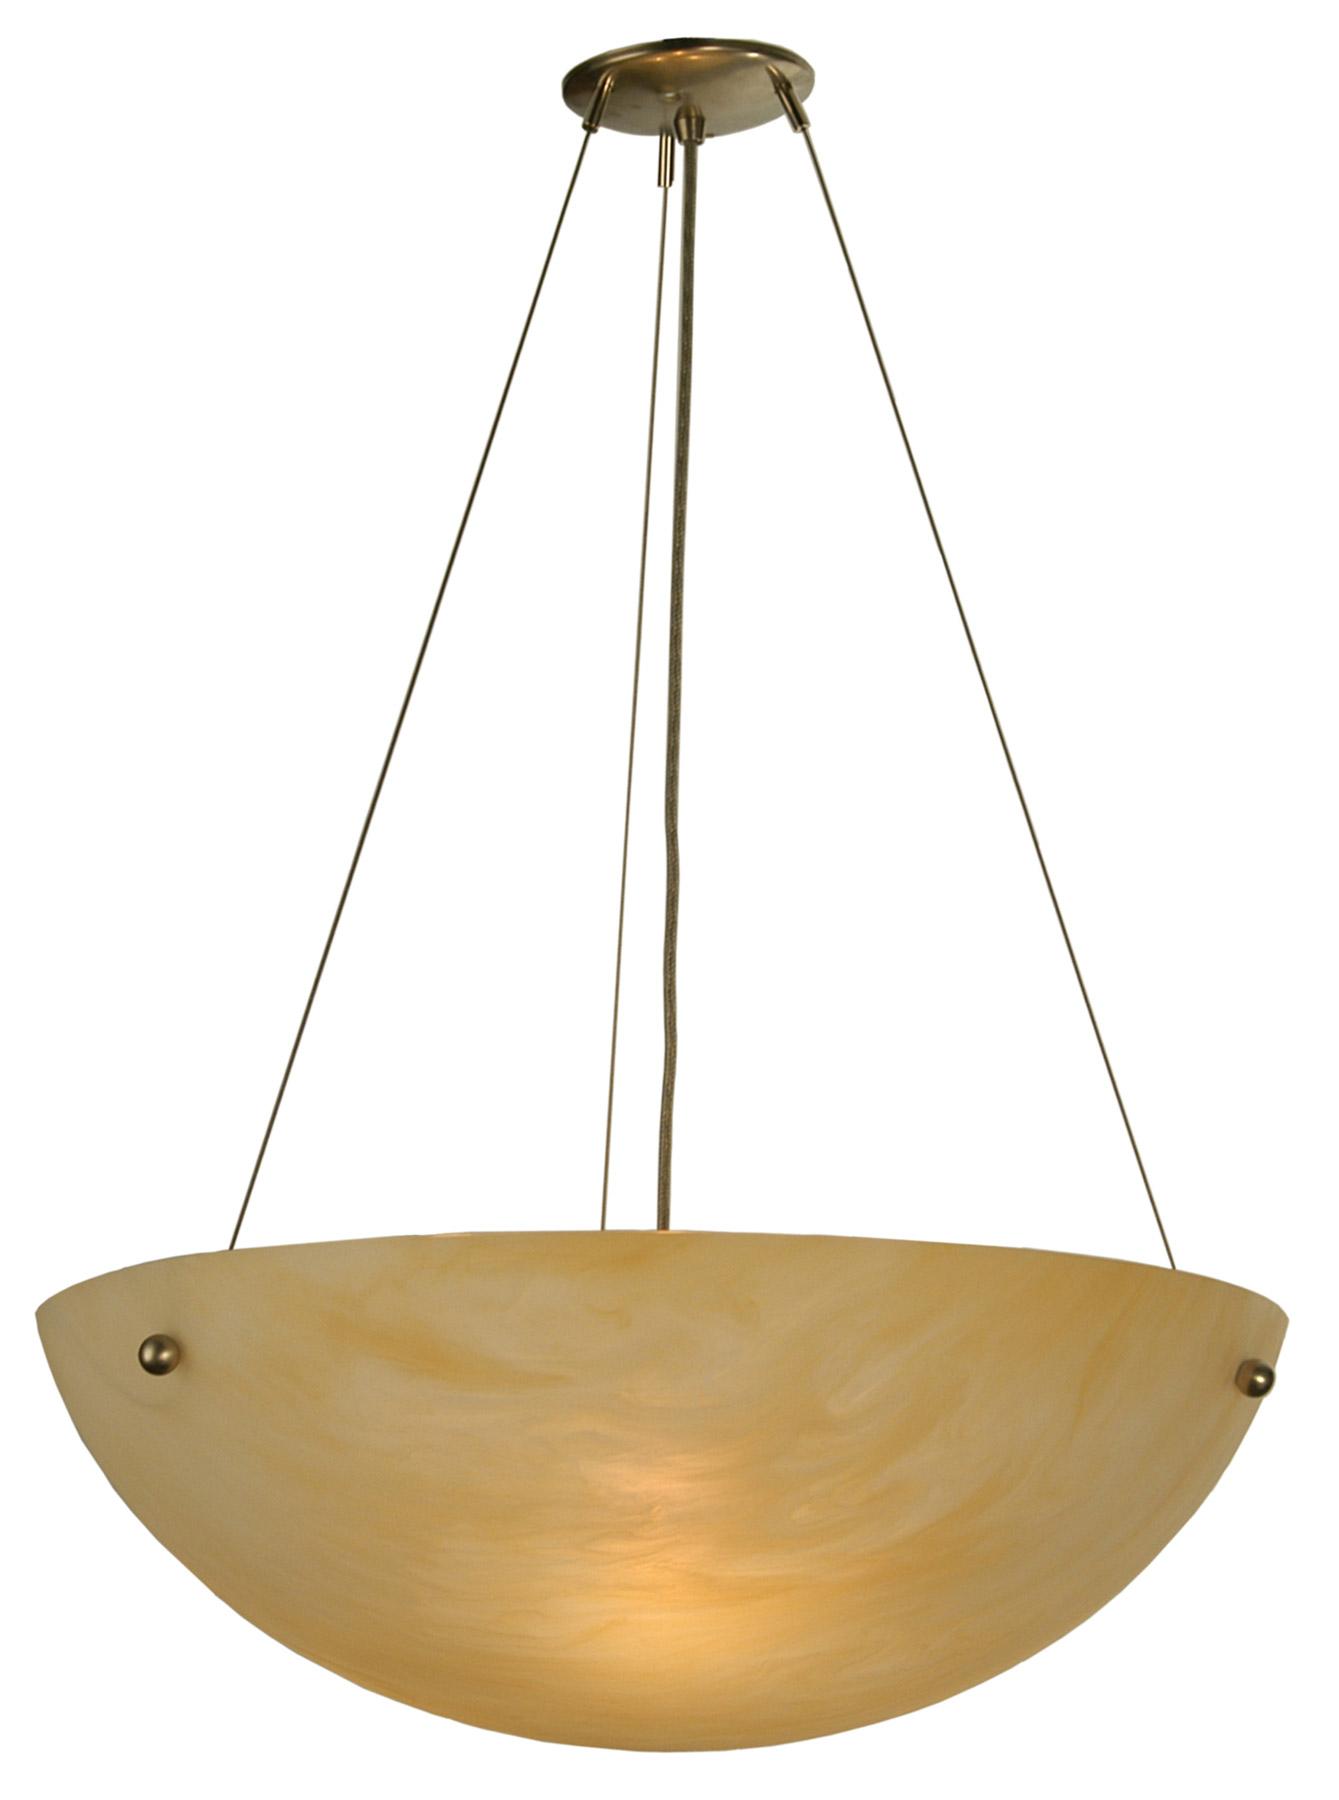 lighting pendant hanging lamps inverted bowl pendants meyda. Black Bedroom Furniture Sets. Home Design Ideas